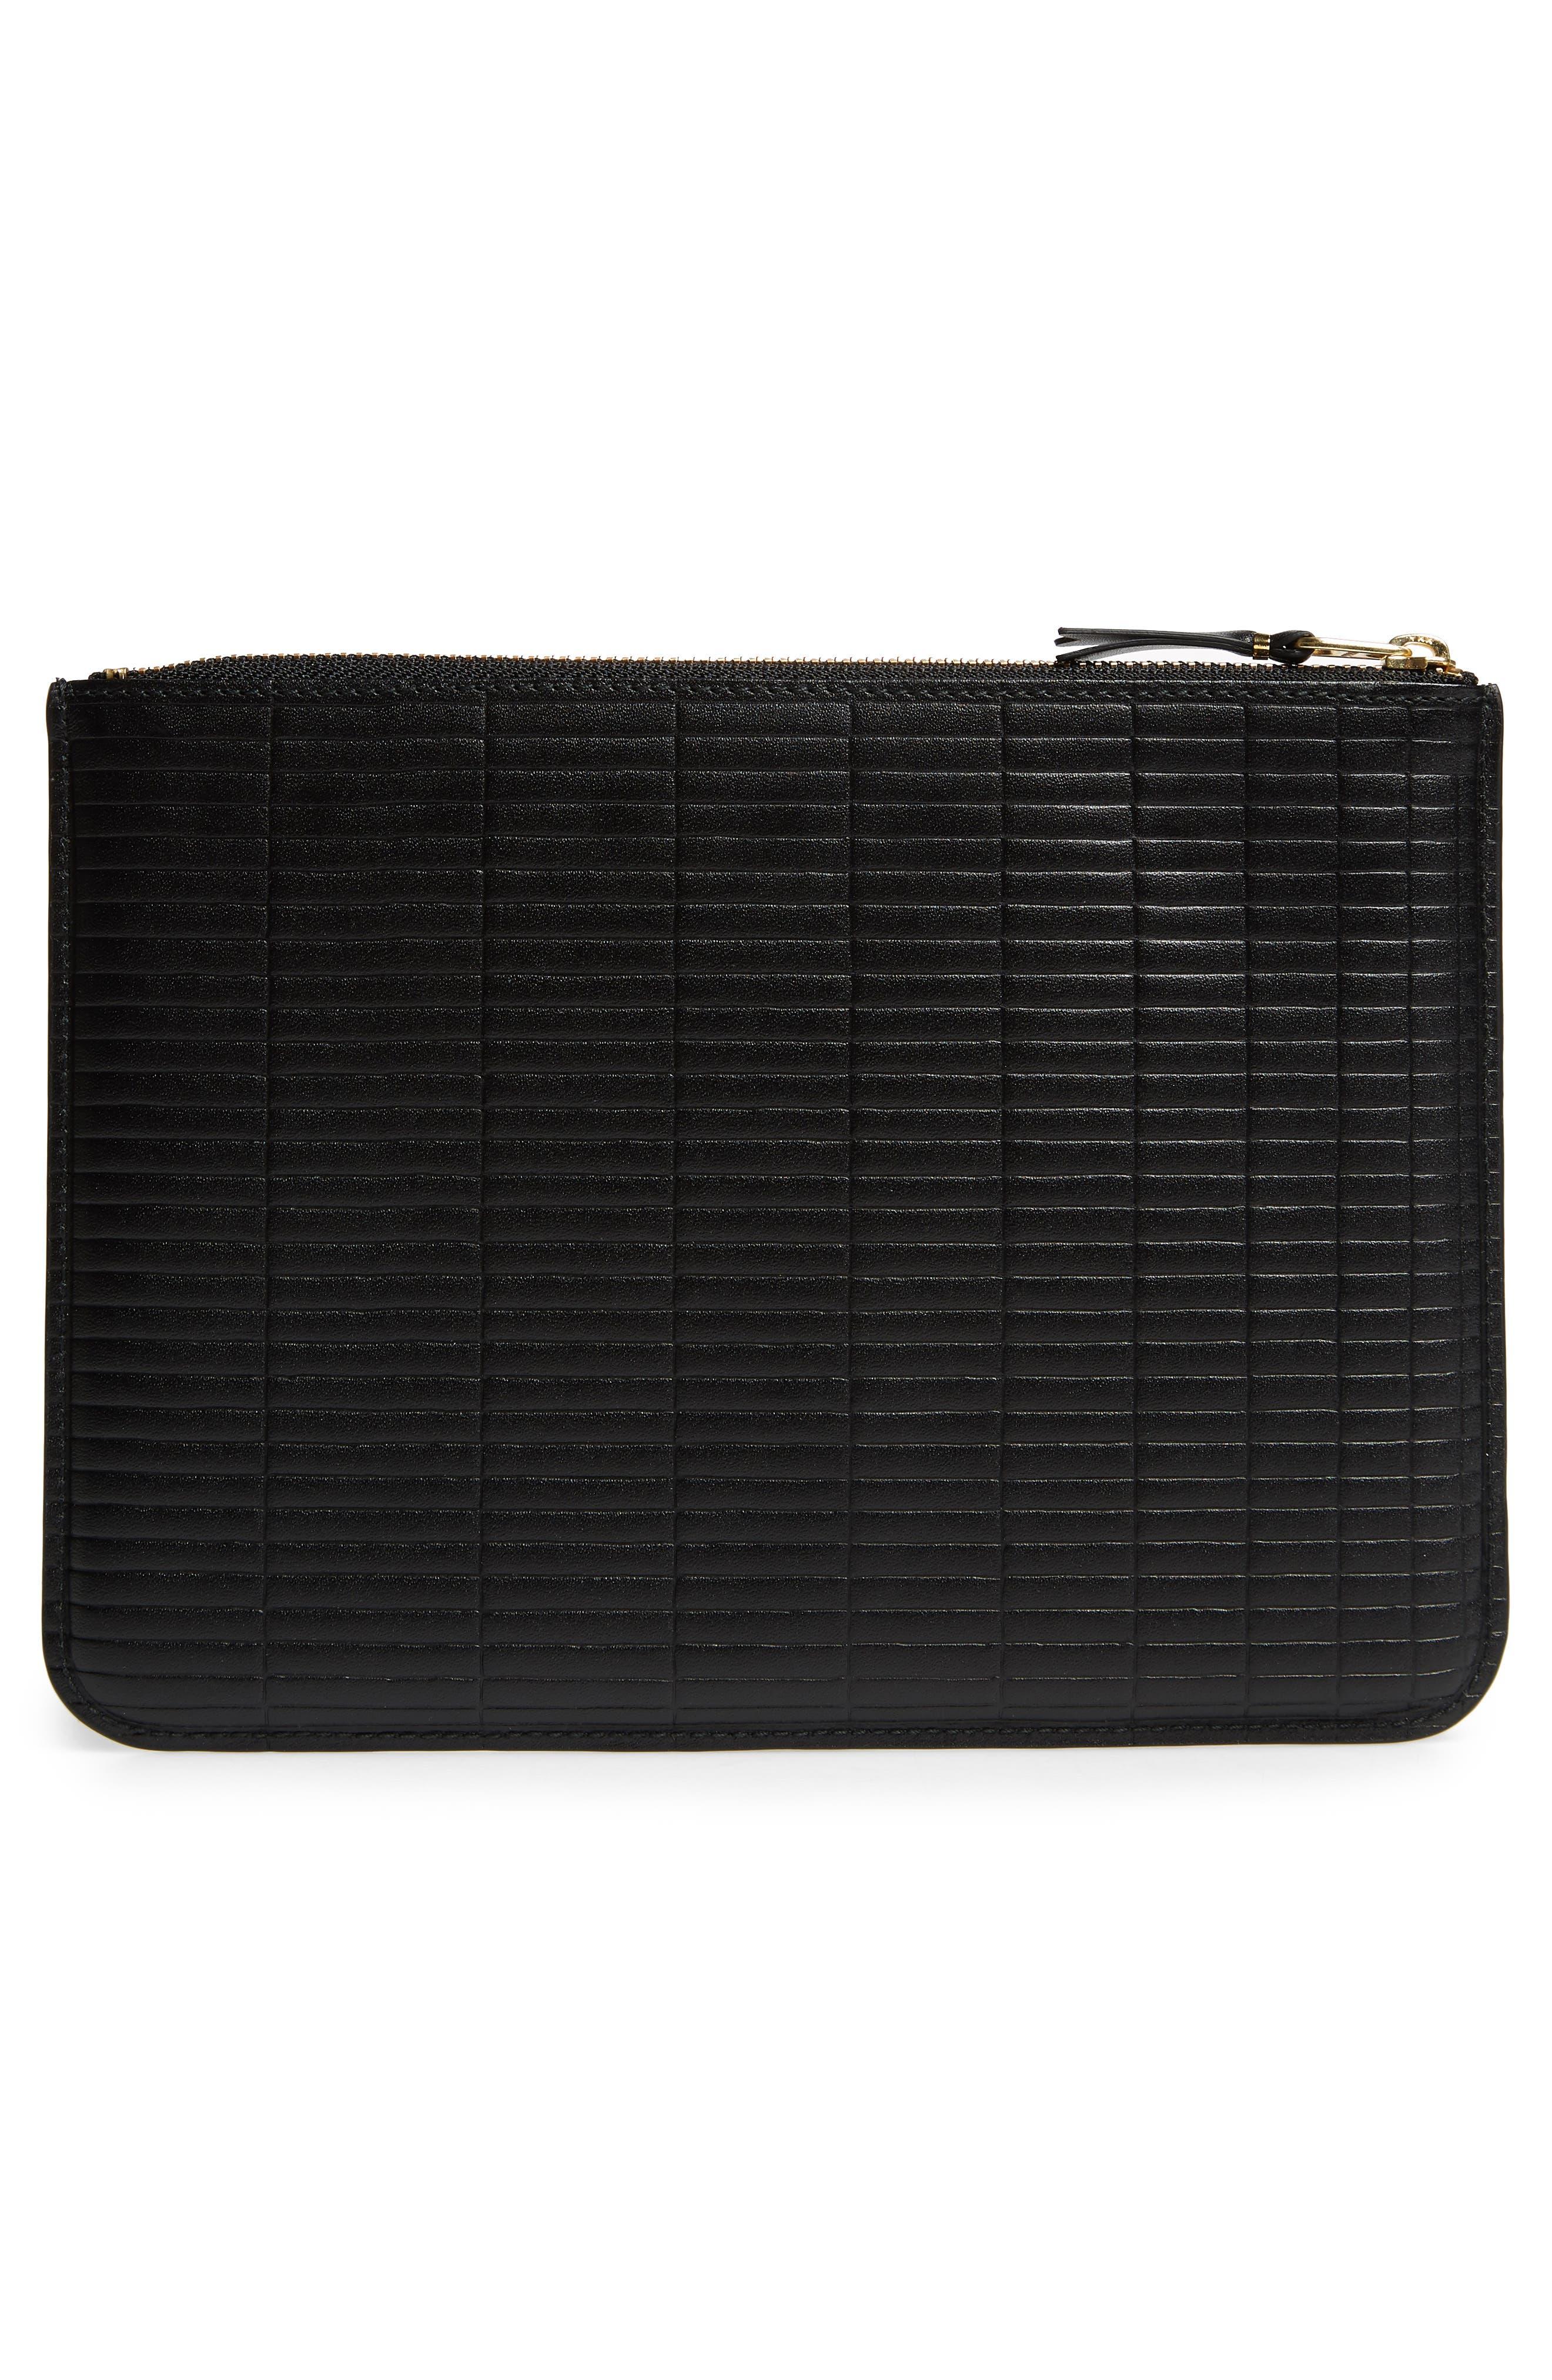 COMME DES GARÇONS, Brick Line Embossed Leather Pouch, Alternate thumbnail 3, color, BLACK